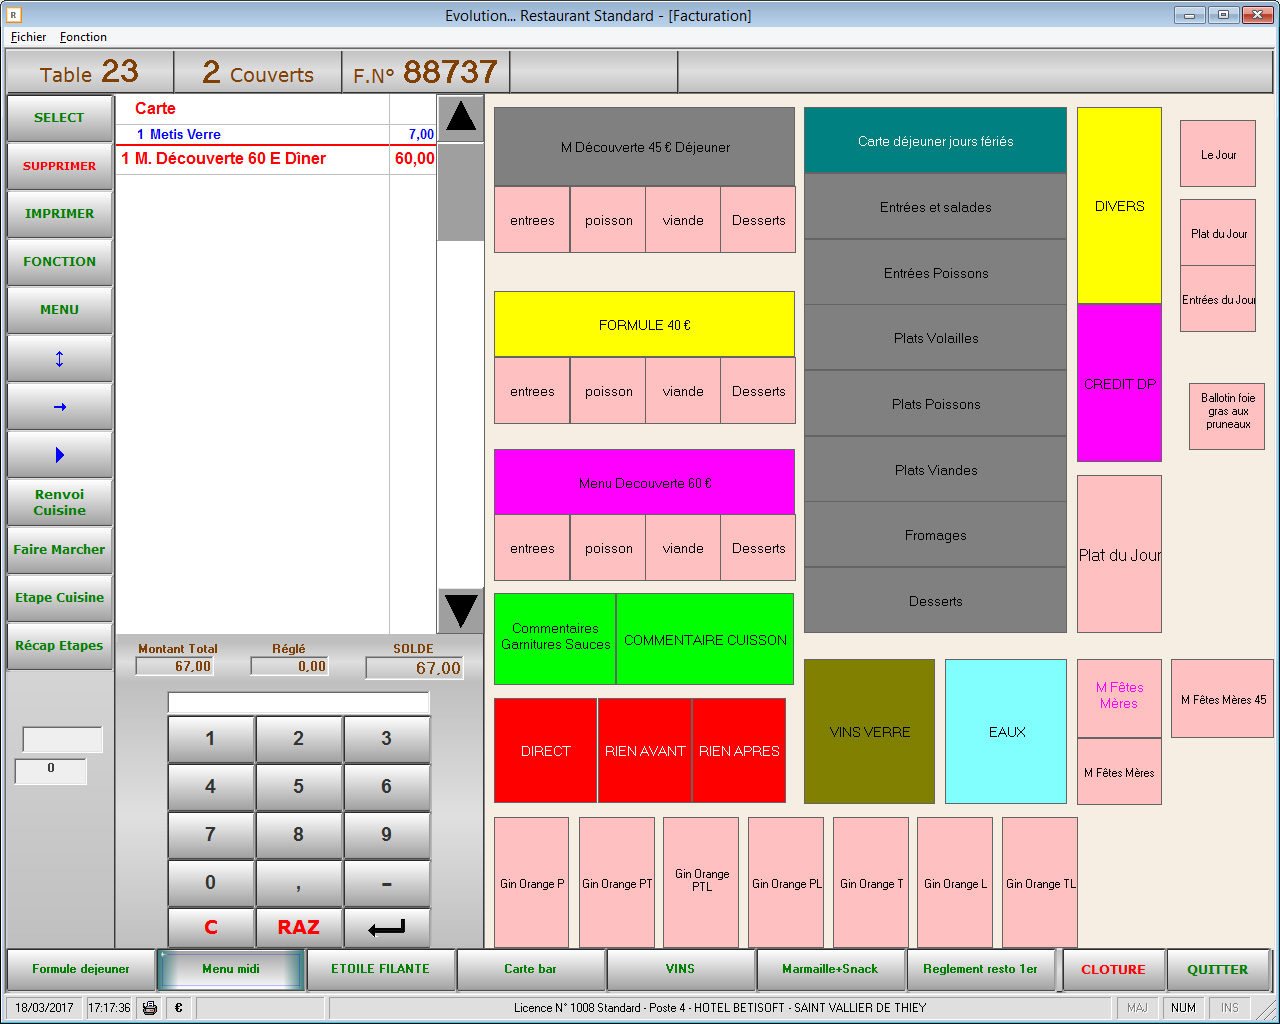 Facturation logiciel Evolution Restaurant Betisoft